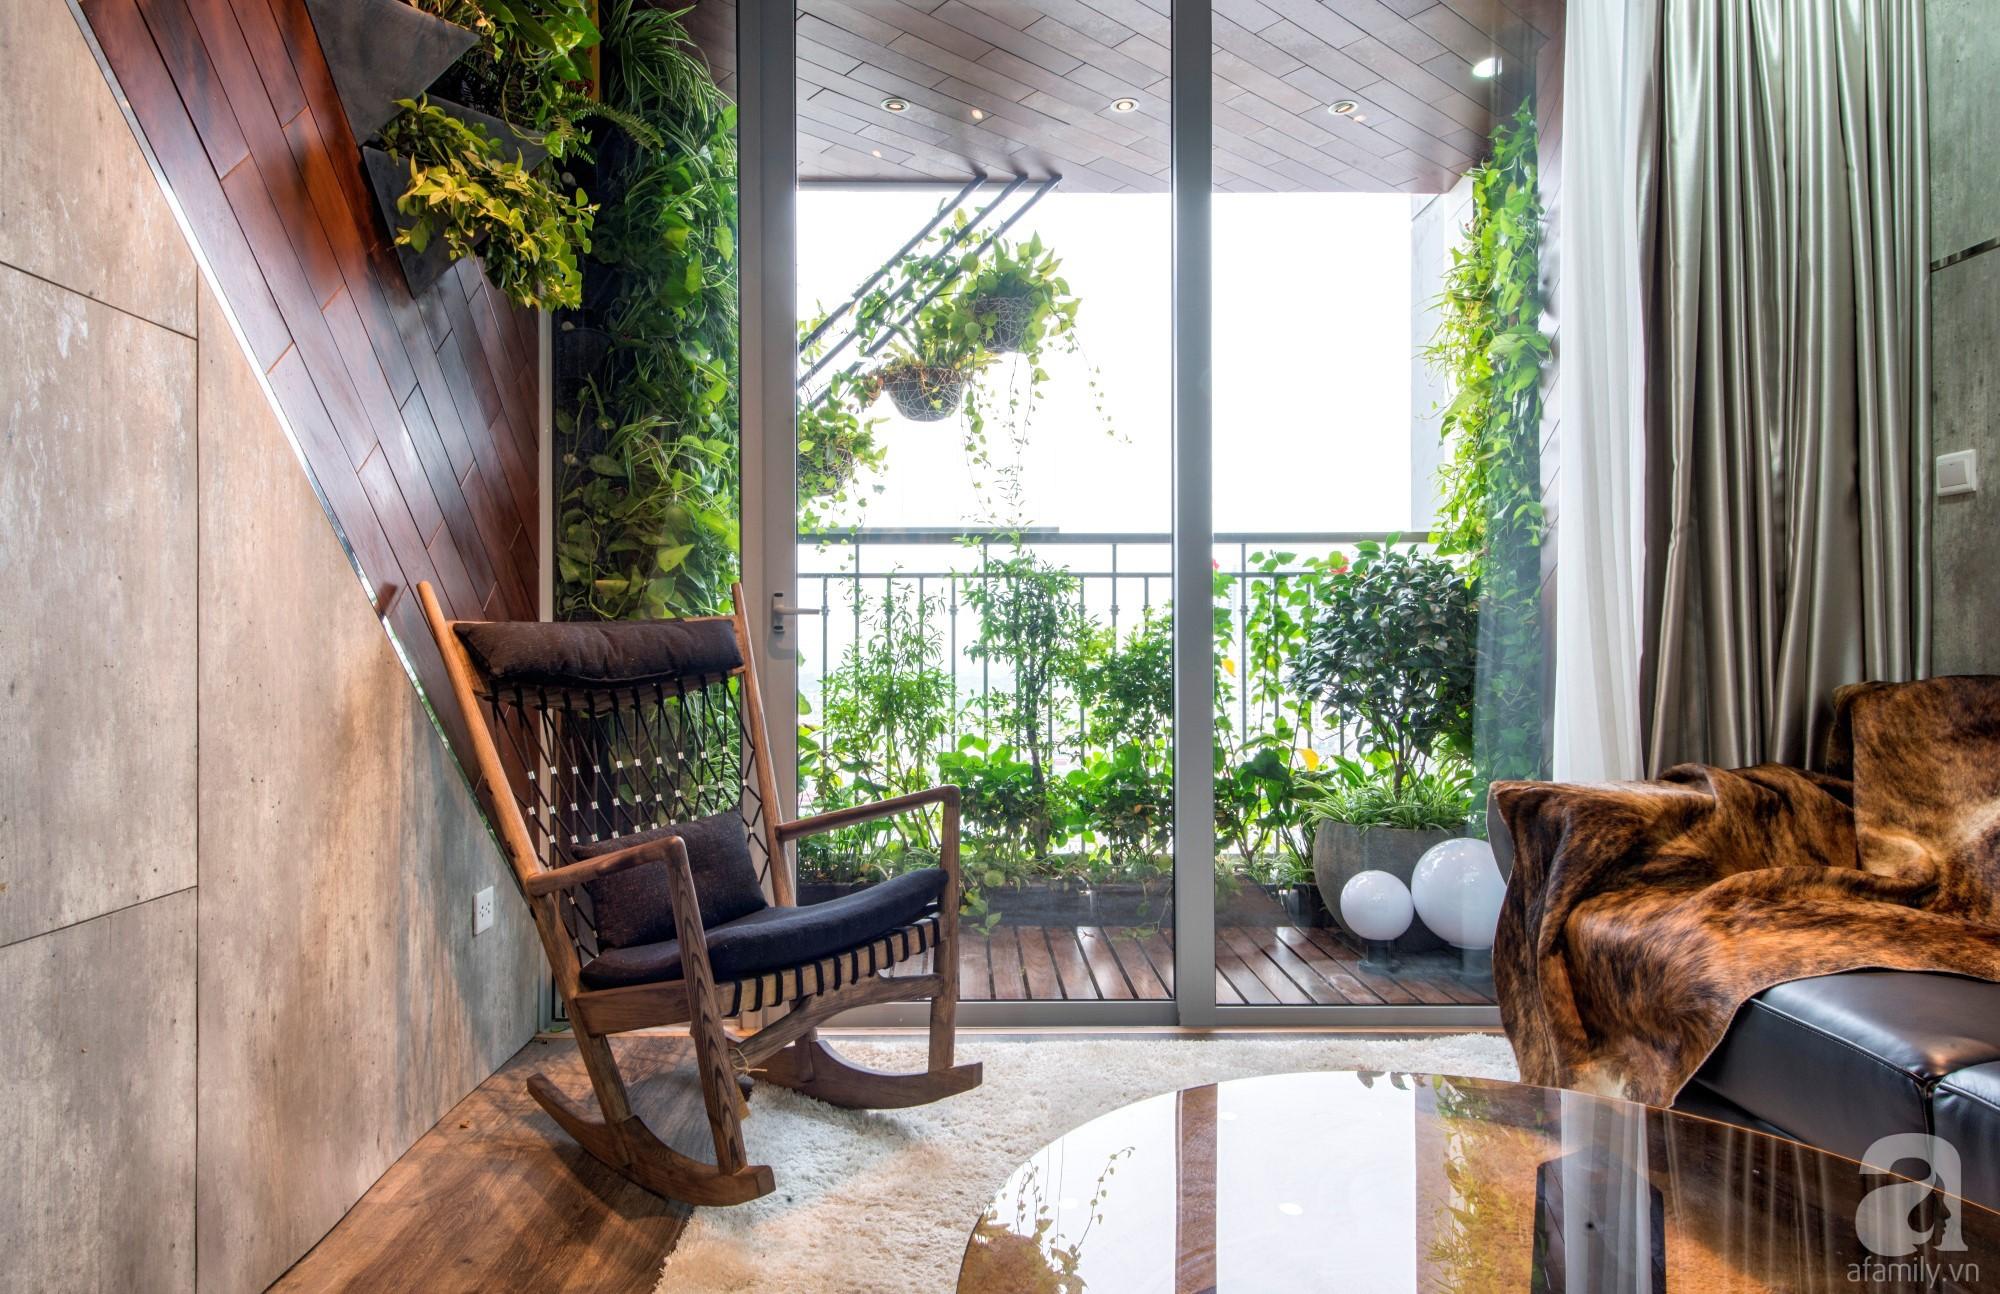 Căn hộ 80m² trên tầng 21 đẹp độc đáo với chi phí cải tạo 780 triệu đồng của chủ nhà yêu cây xanh - Ảnh 4.